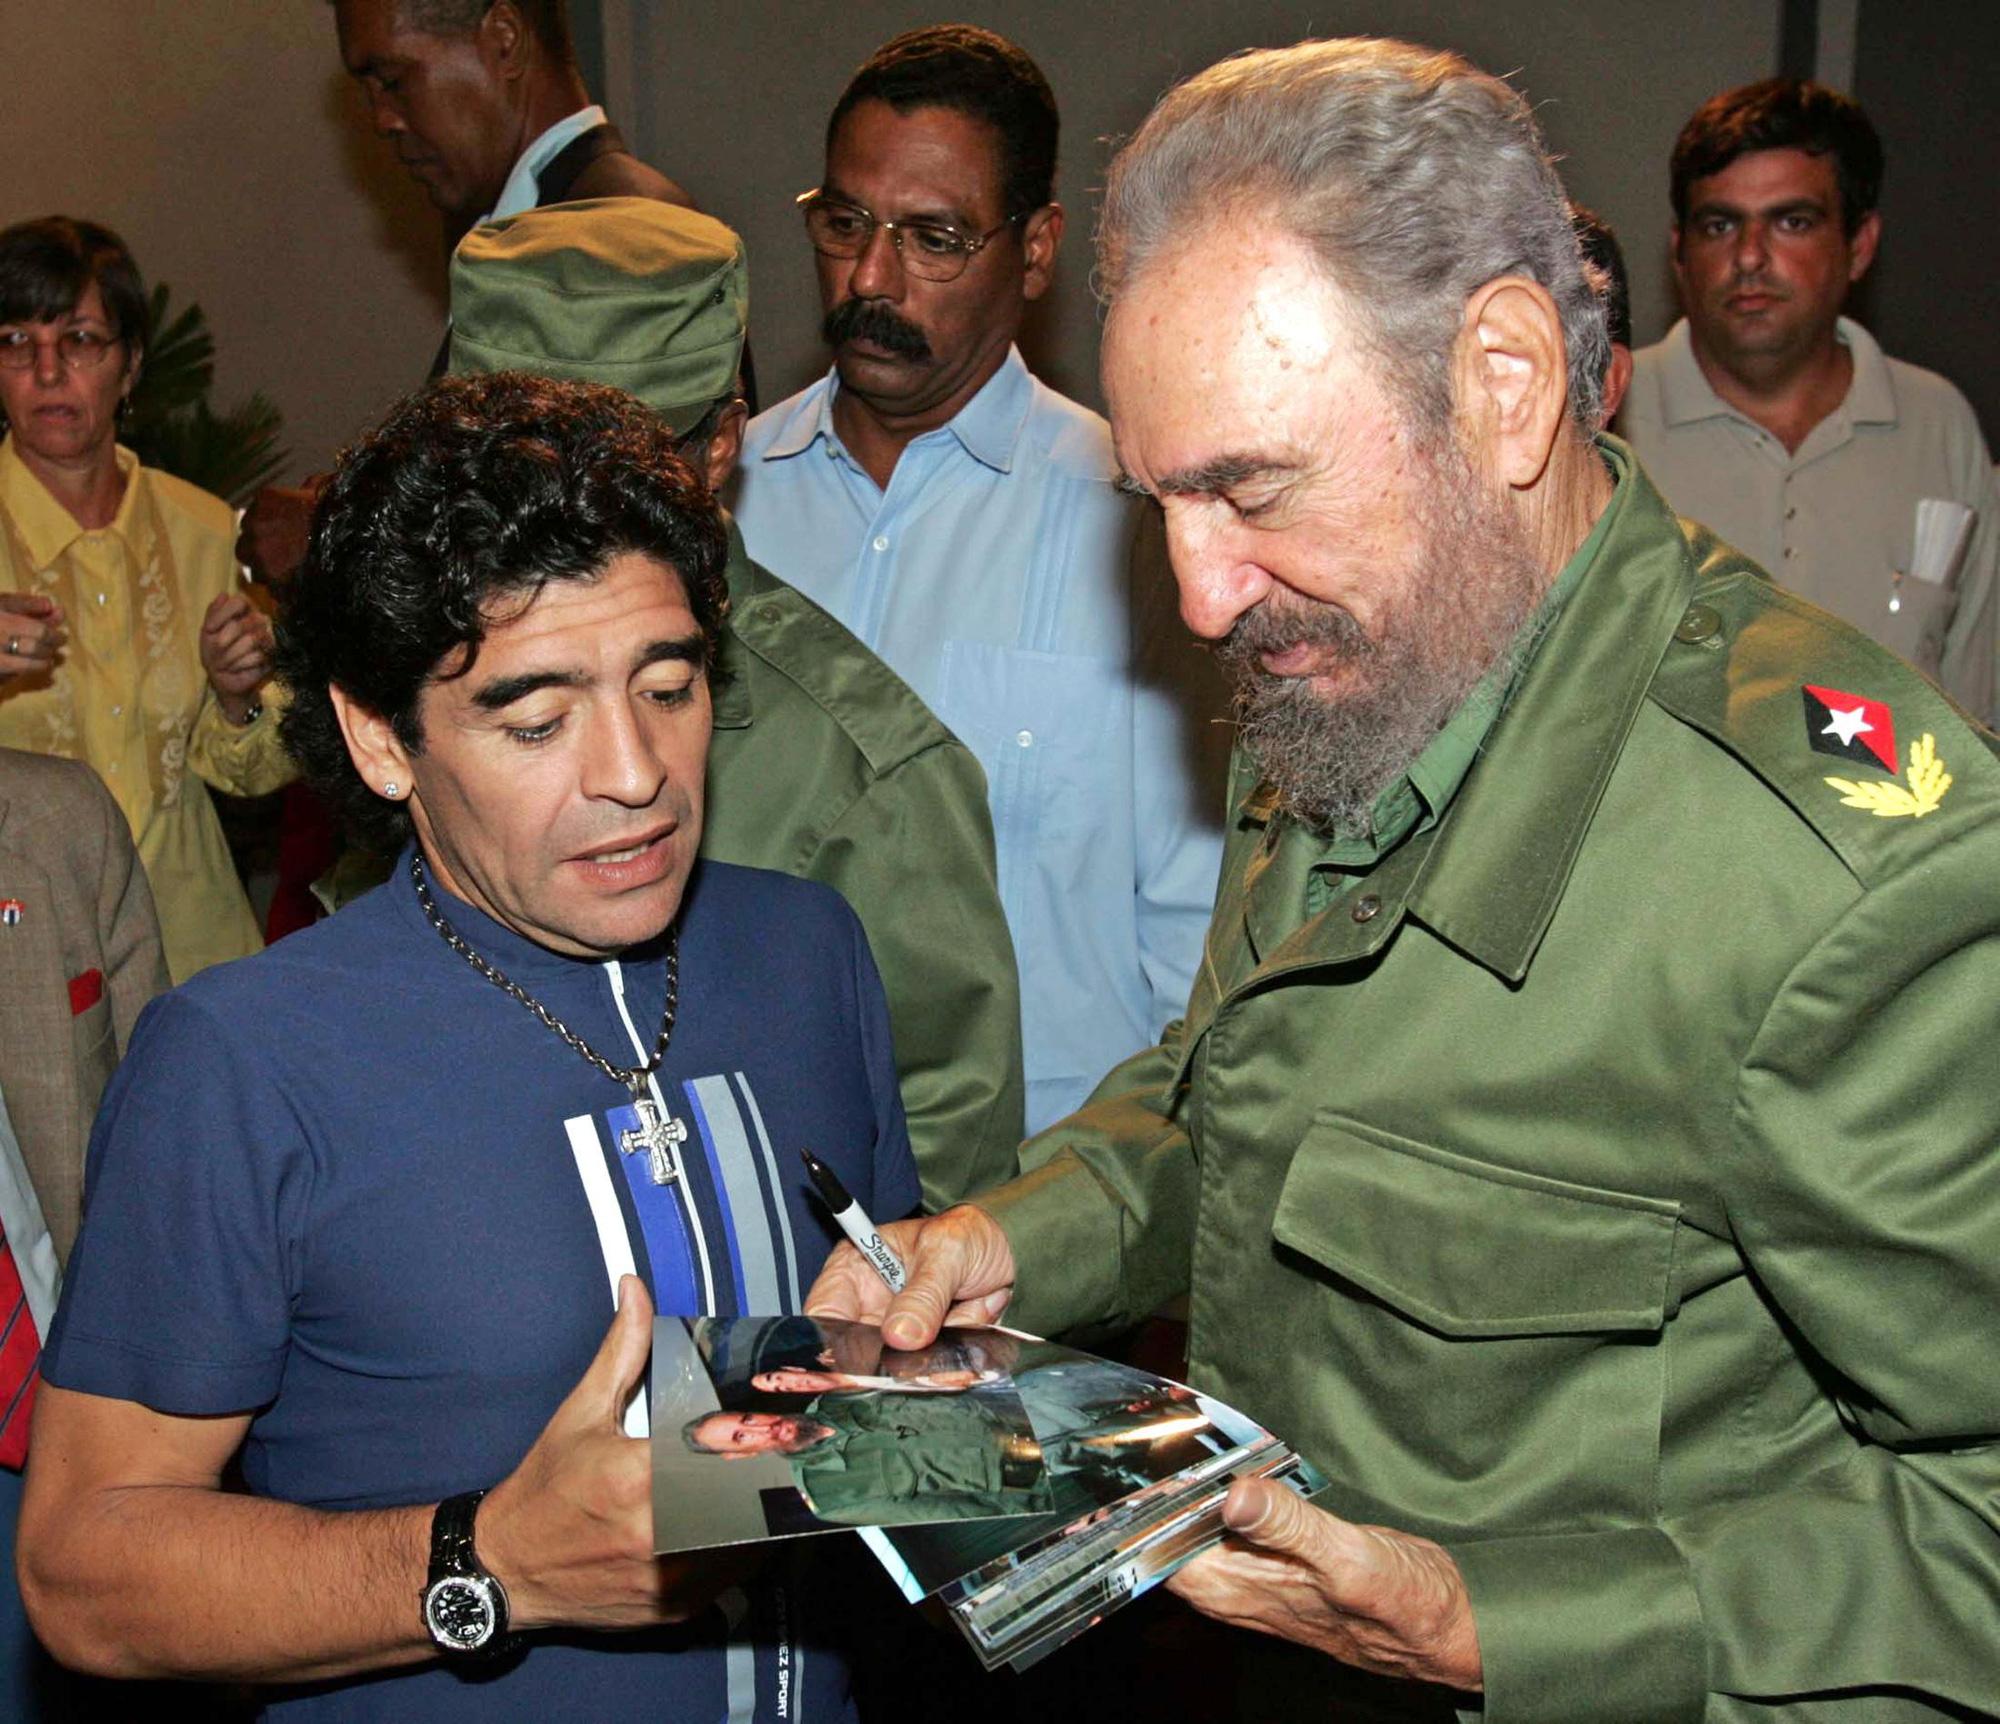 Cuộc đời Maradona qua ảnh: Đầy vinh quang nhưng cũng lắm tranh cãi - Ảnh 17.